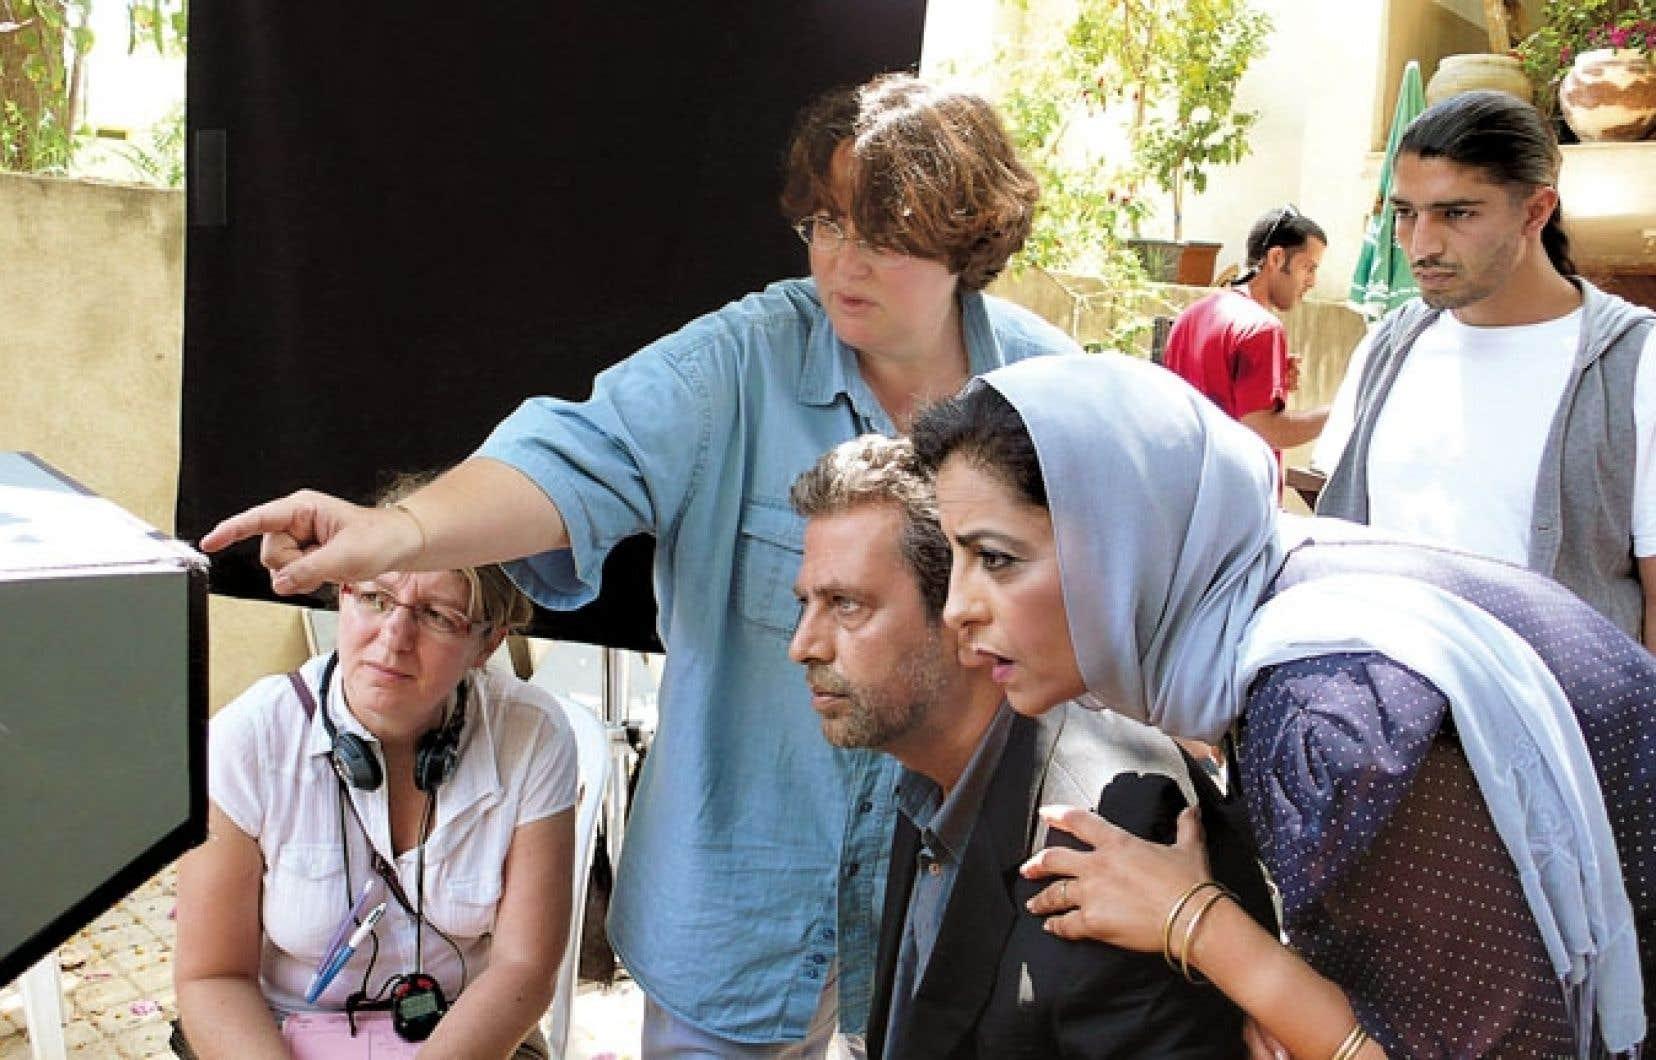 Le dernier long-métrage de Lorraine Lévy (pointant le moniteur) a pour cadre la poudrière du Moyen-Orient, à travers une fable optimiste.